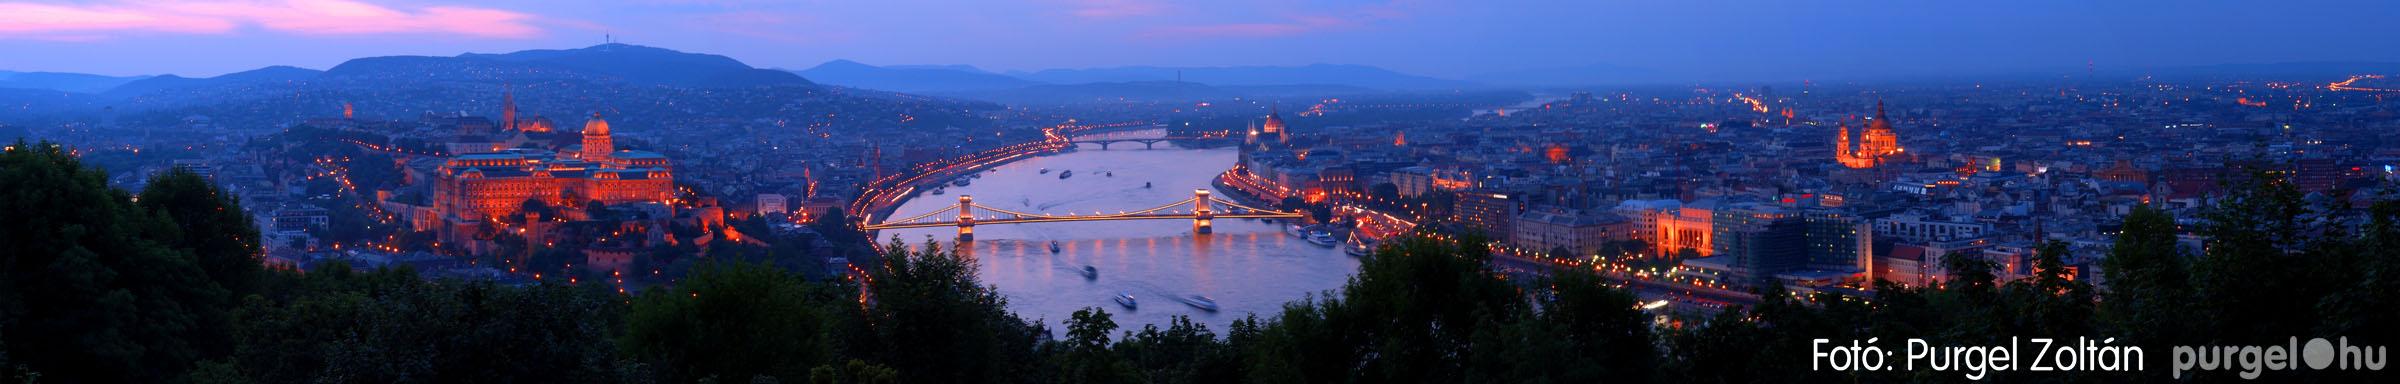 038 Örök pillanatok fotókiállításom képei - BudapESTI panoráma · BudapEVENING panorama - Fotó:PURGEL ZOLTÁN©.jpg